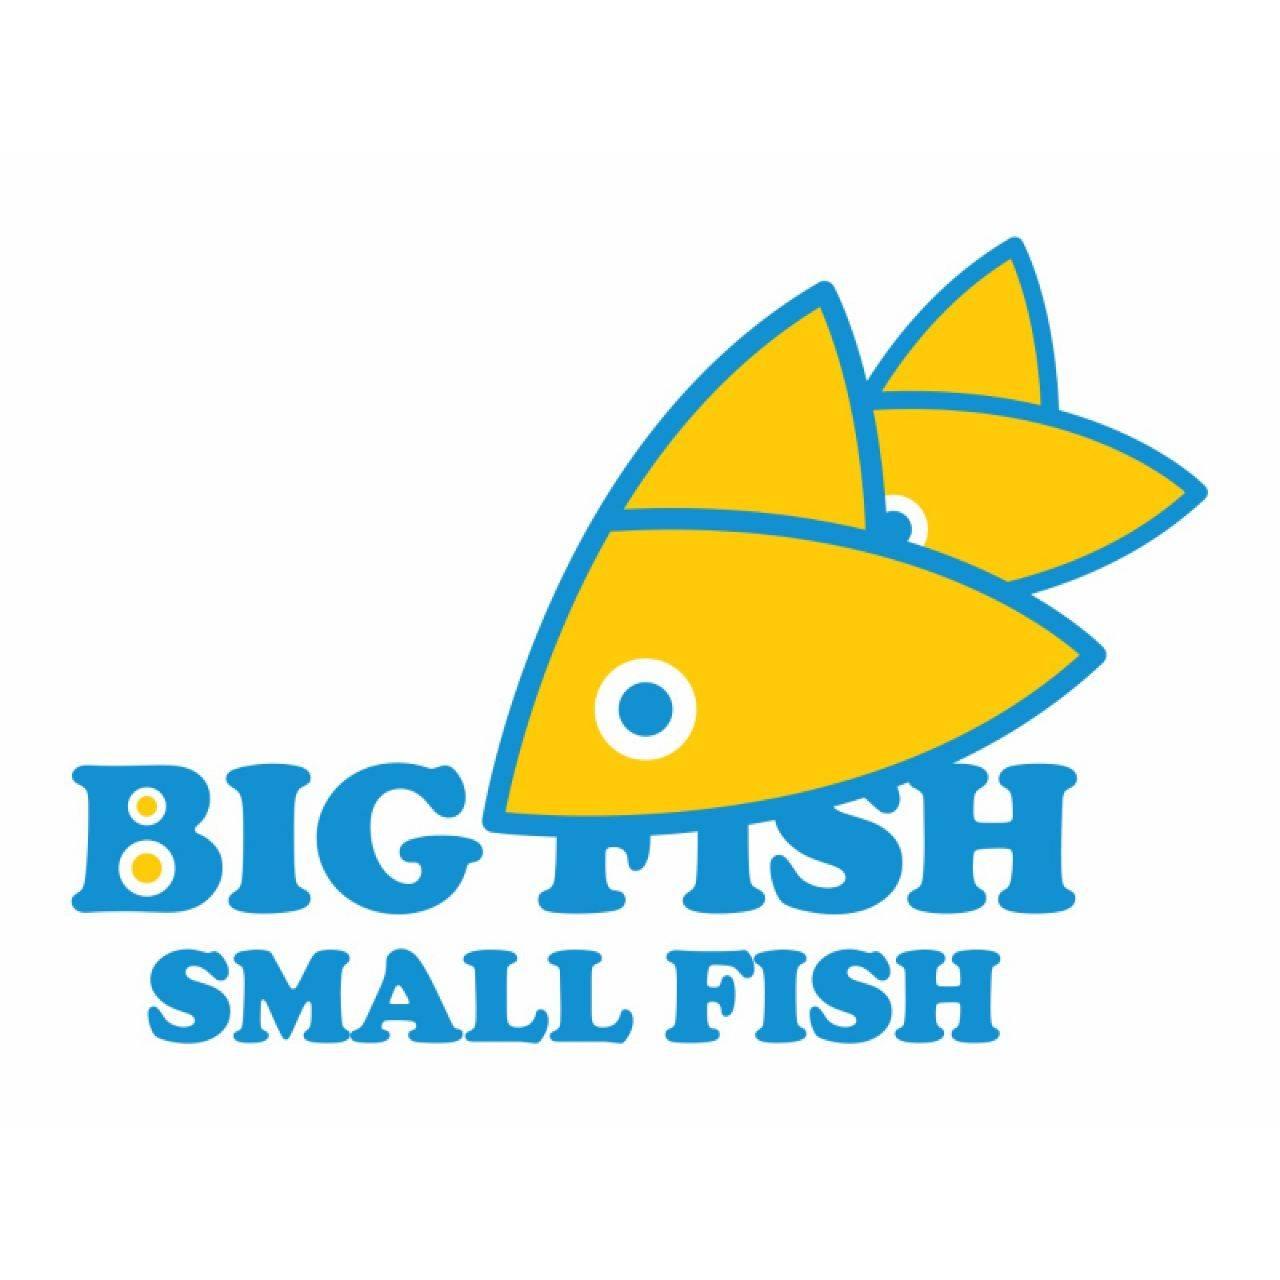 big fish small fish logo